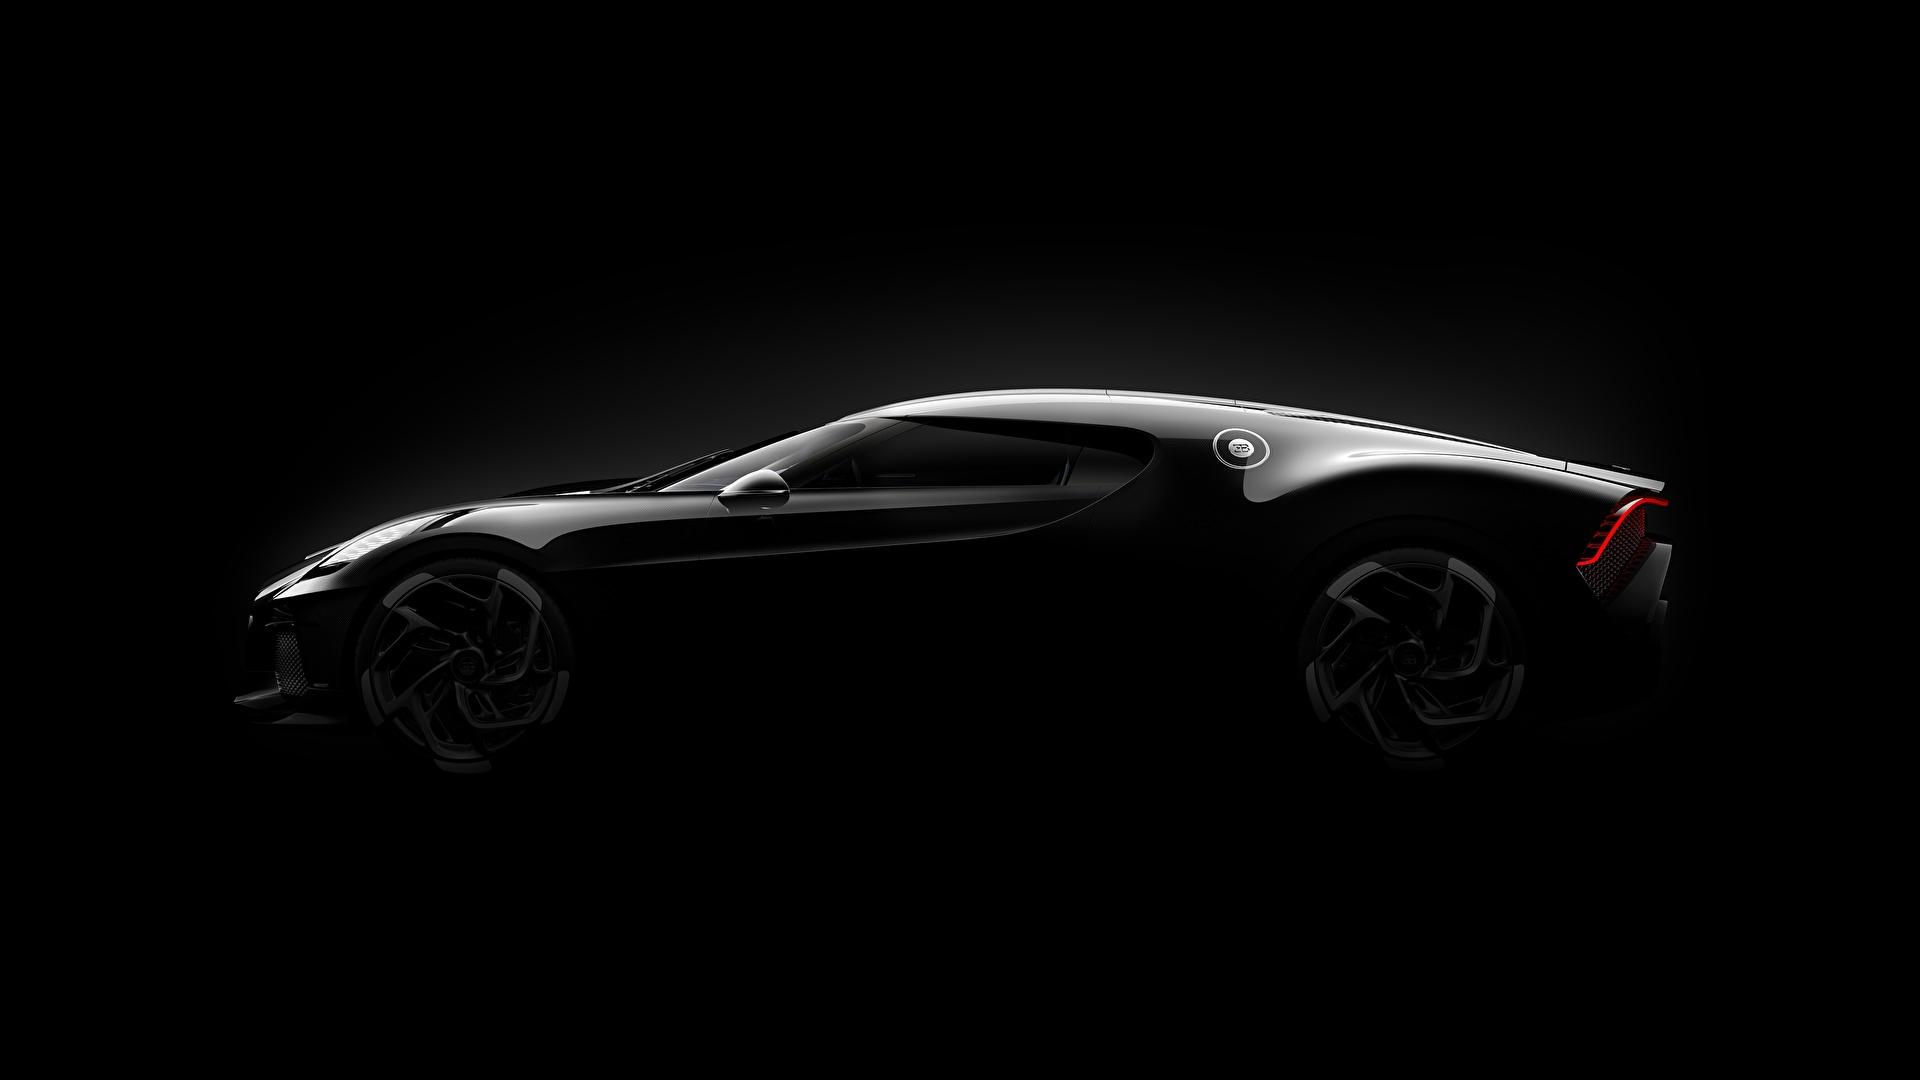 Fondos De Pantalla 1920x1080 Bugatti 2019 La Voiture Noire